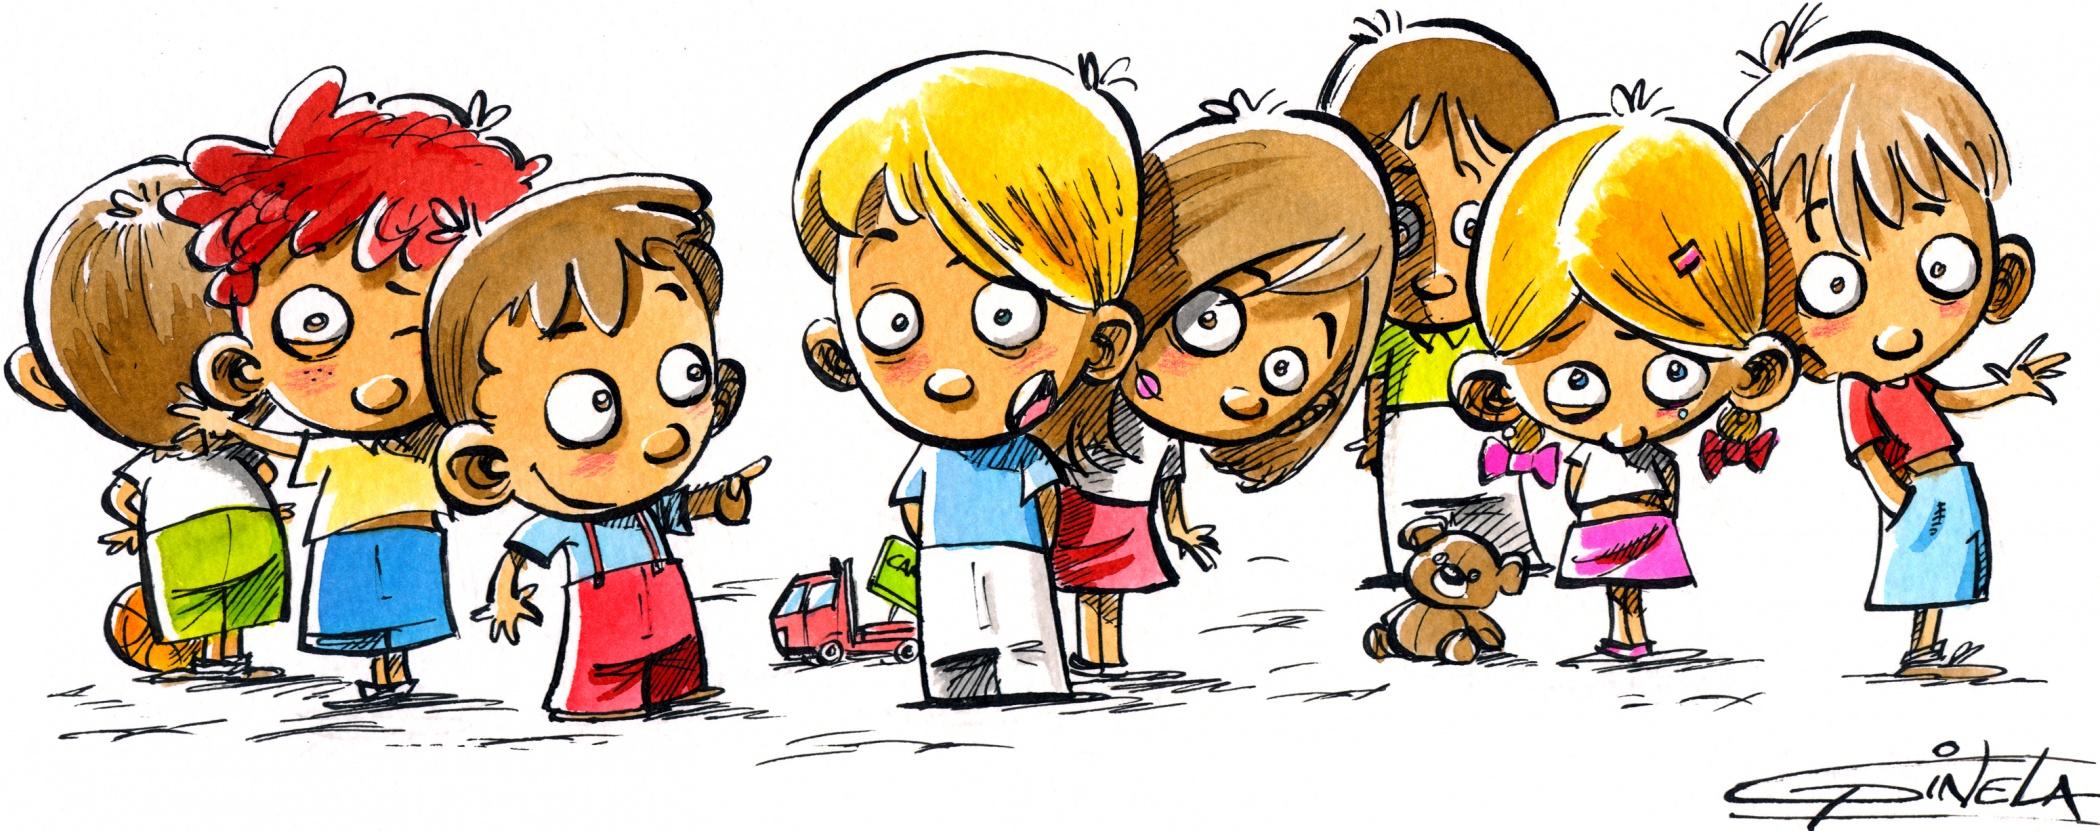 Estudios - Gustavo Pinela, ilustrador